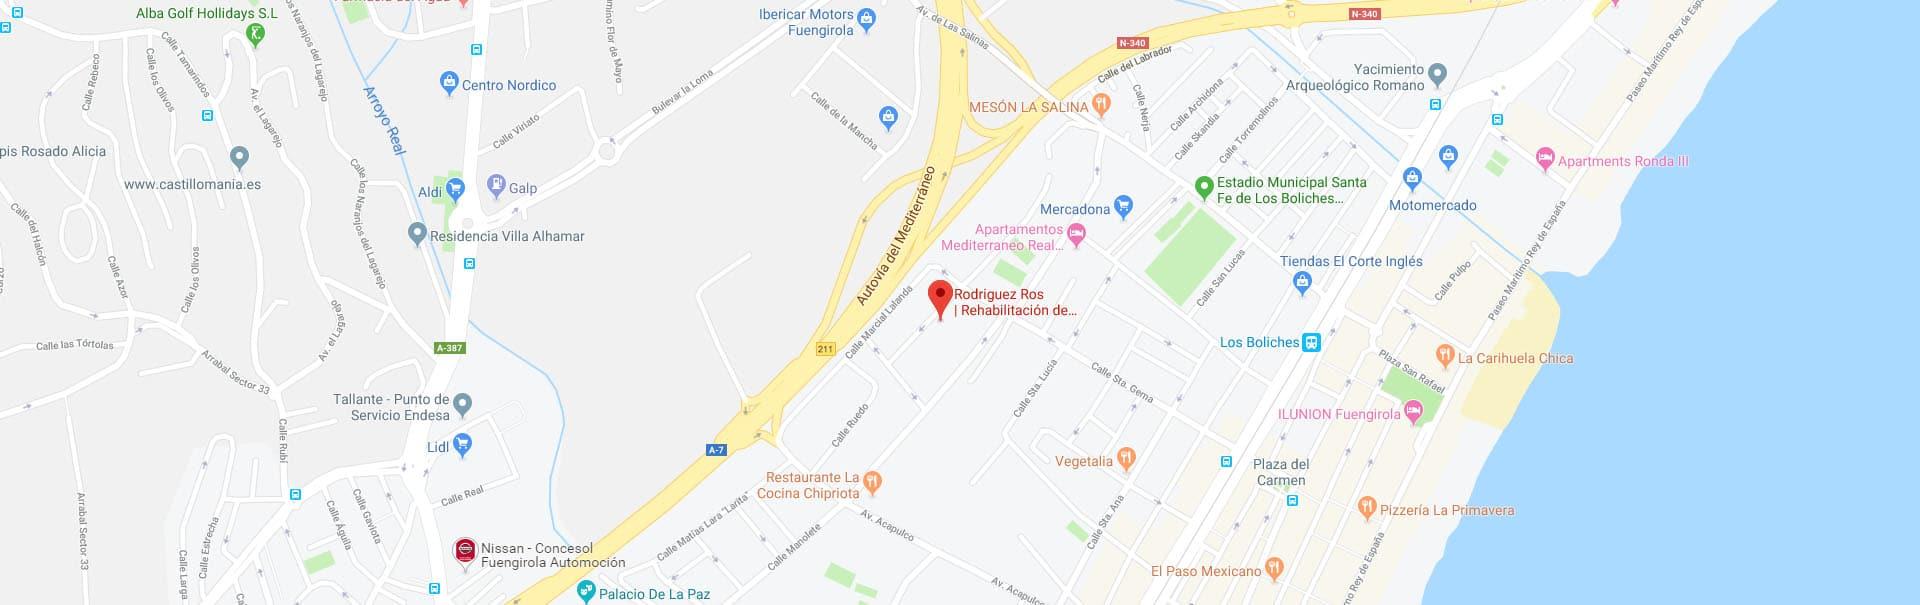 Localización de Rodriguez Ros